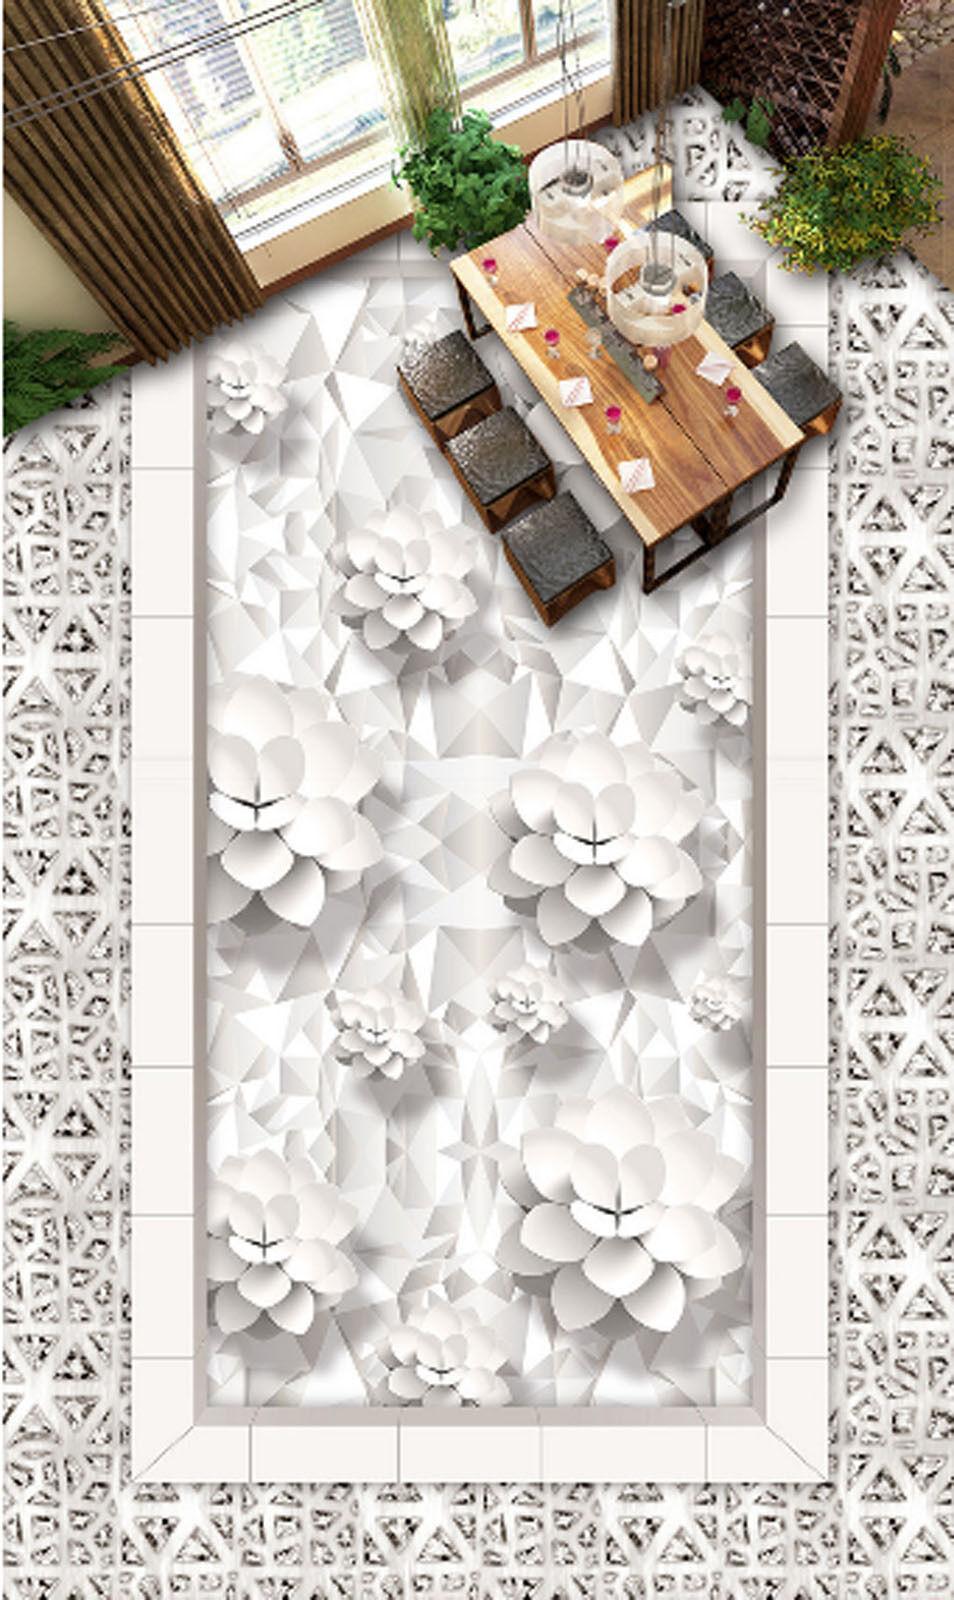 3D Weiß Lotus Art 584 Floor WallPaper Murals Wallpaper Mural Print AJ AU Lemon